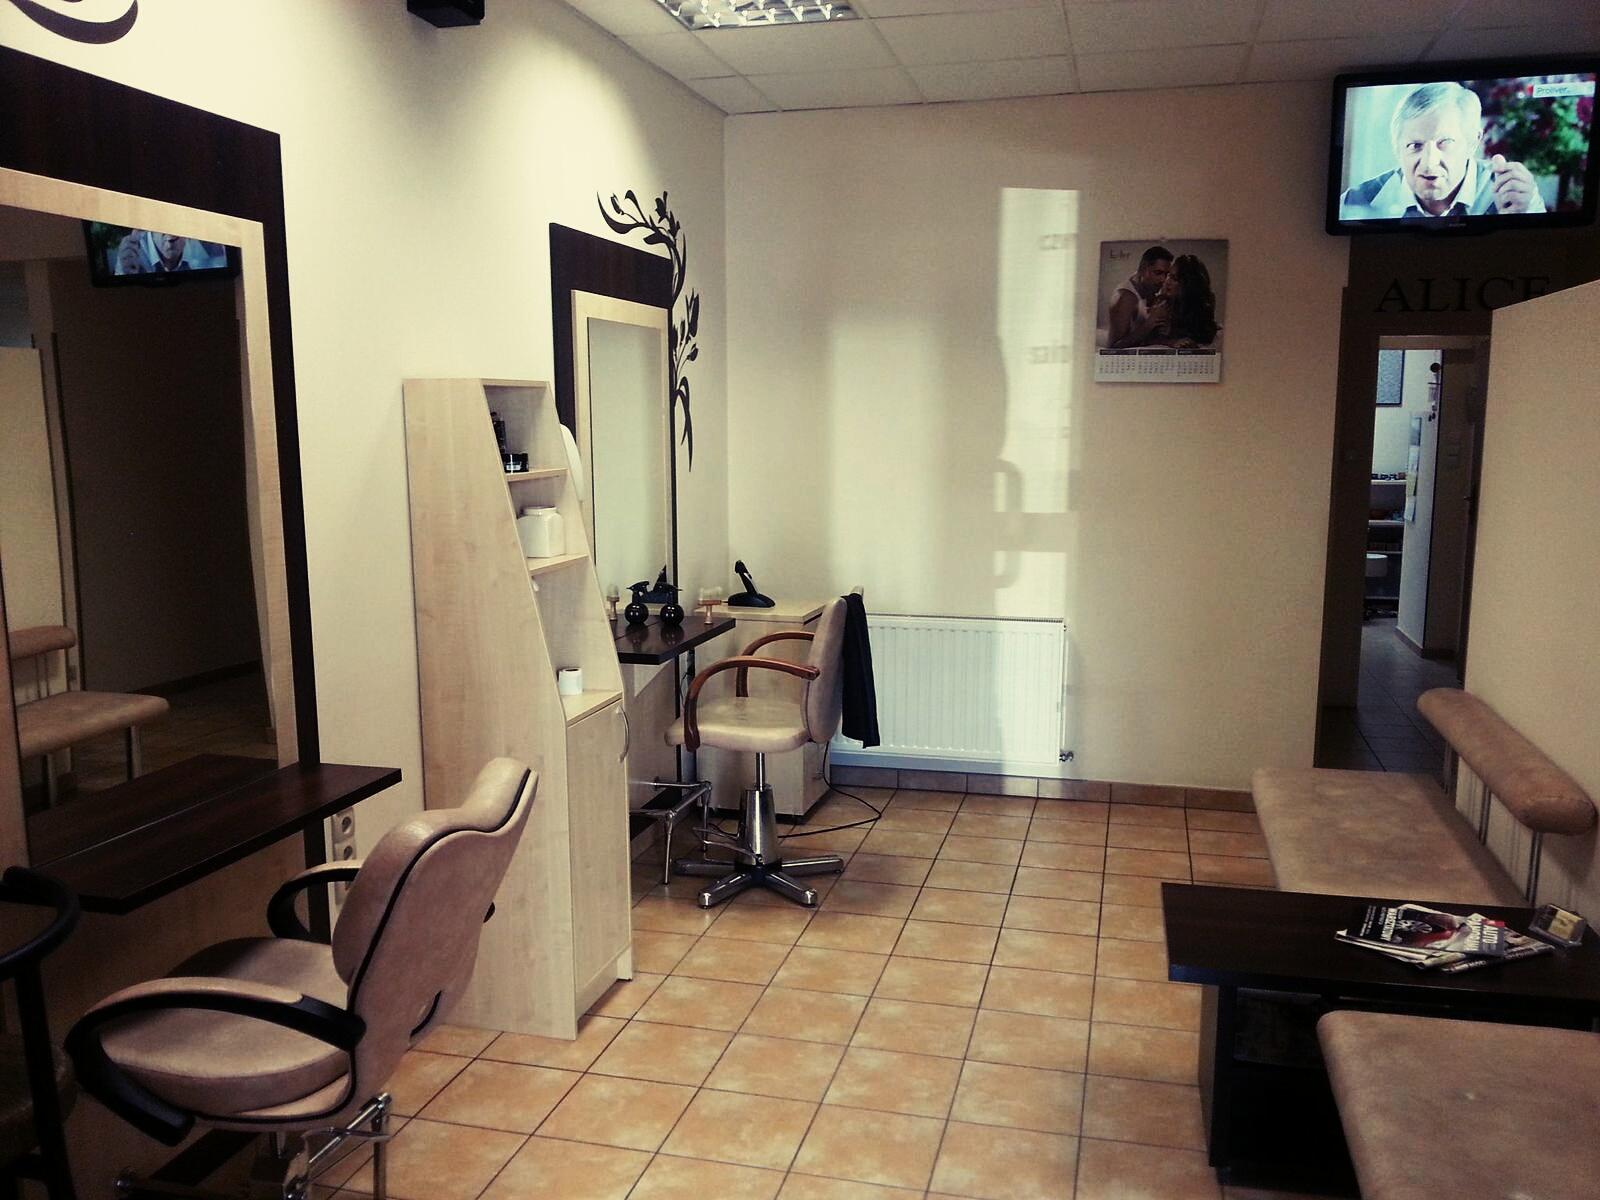 Salon fryzjerski Mokotow (1)